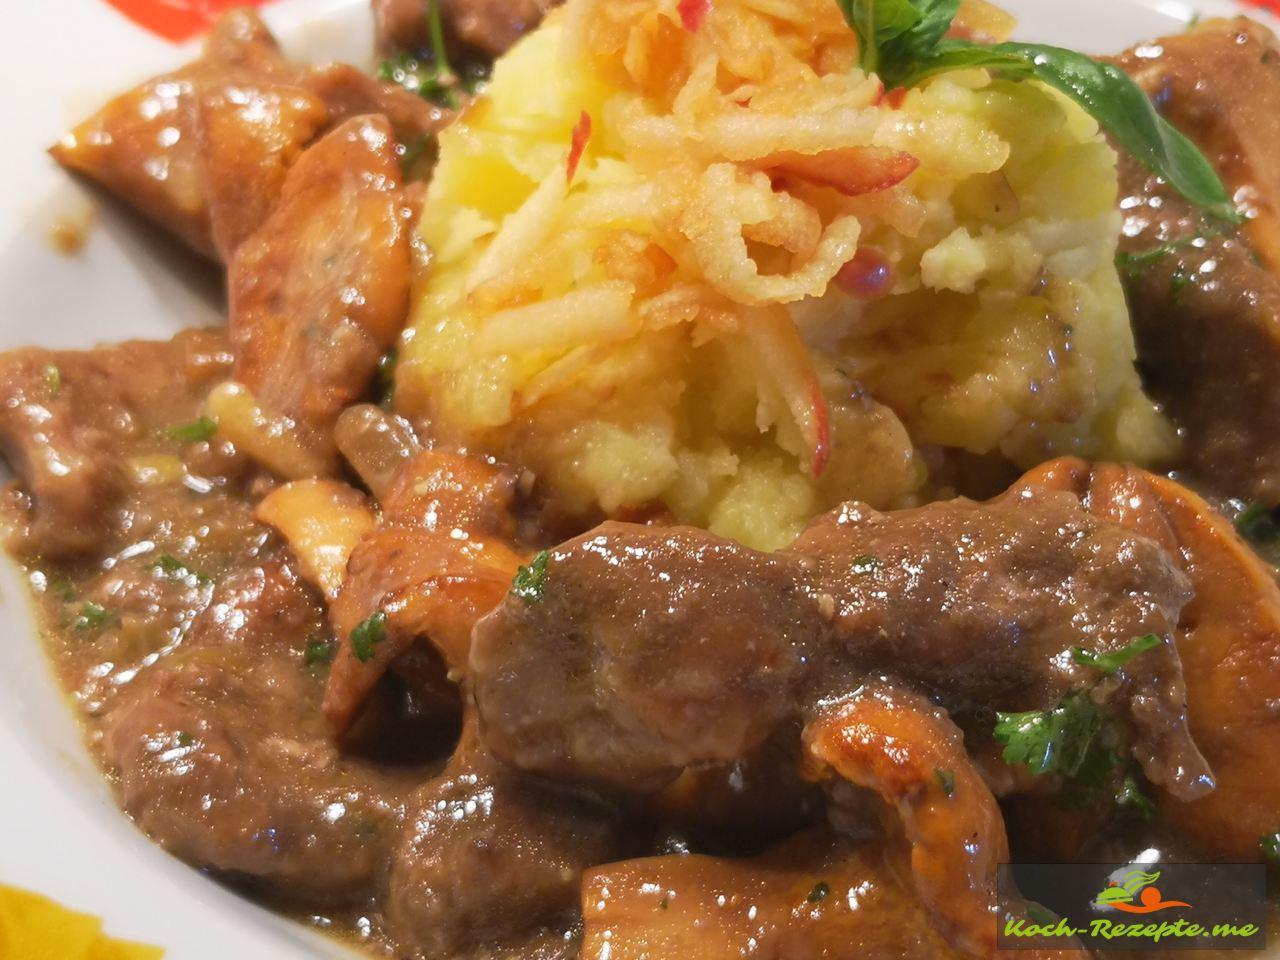 Kalbsleber mit Pfifferlingen, Rotweinsauce und Kartoffel-Apfel Stampf